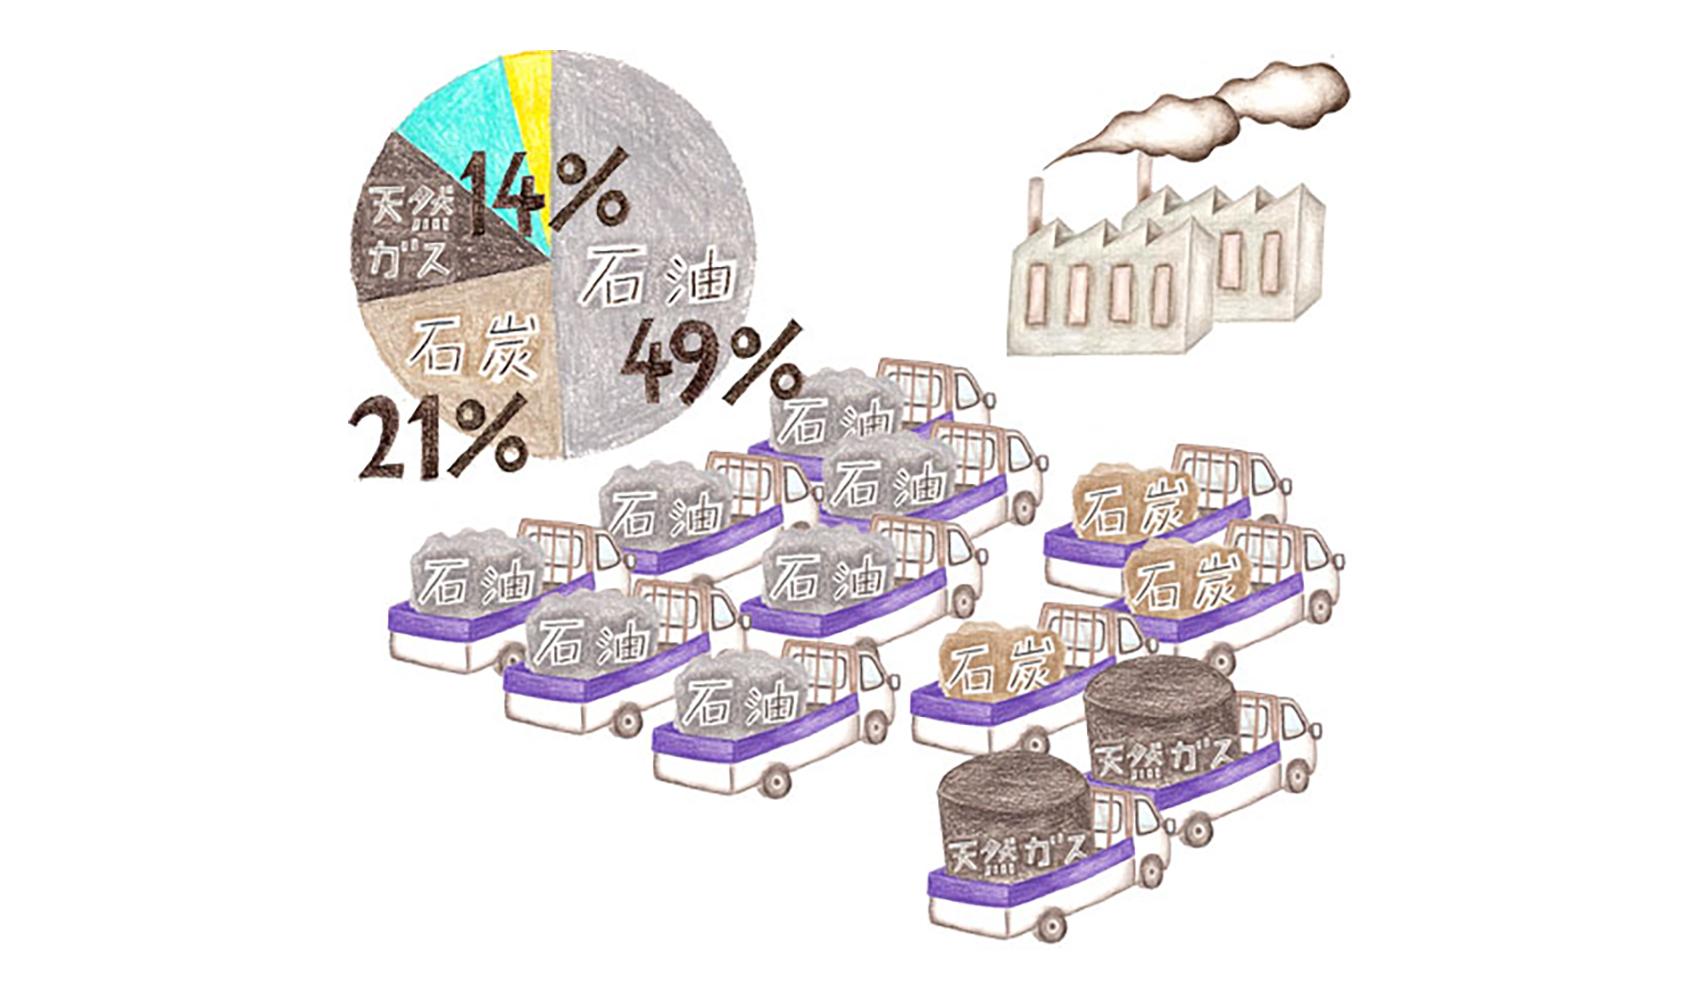 石油や石炭などのエネルギーの中で、日本でいちばん多く使われているのは何ですか?